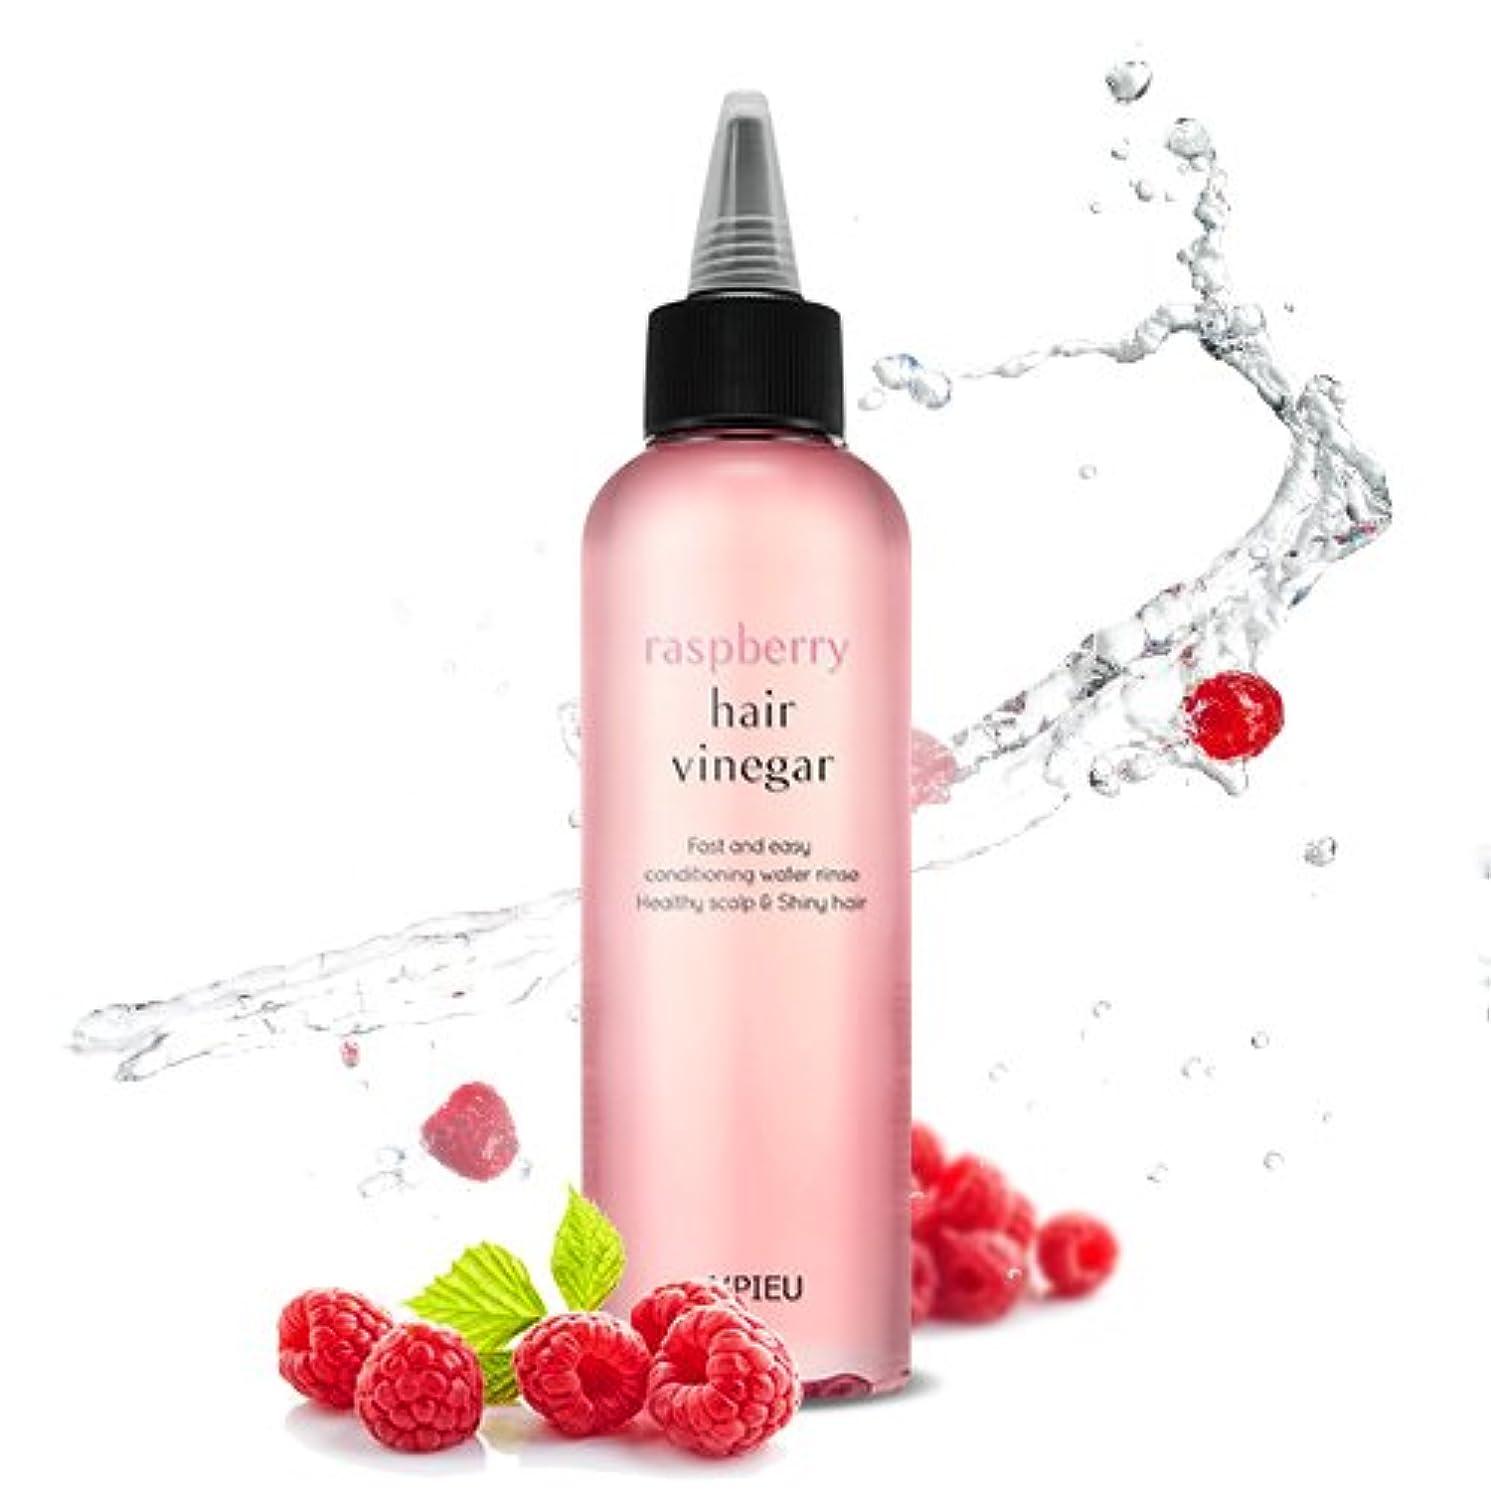 サスペンド不完全ペルソナAPIEU Raspberry Hair Vinegar / [アピュ/オピュ] ラズベリーヘアビネガー 200ml [並行輸入品]